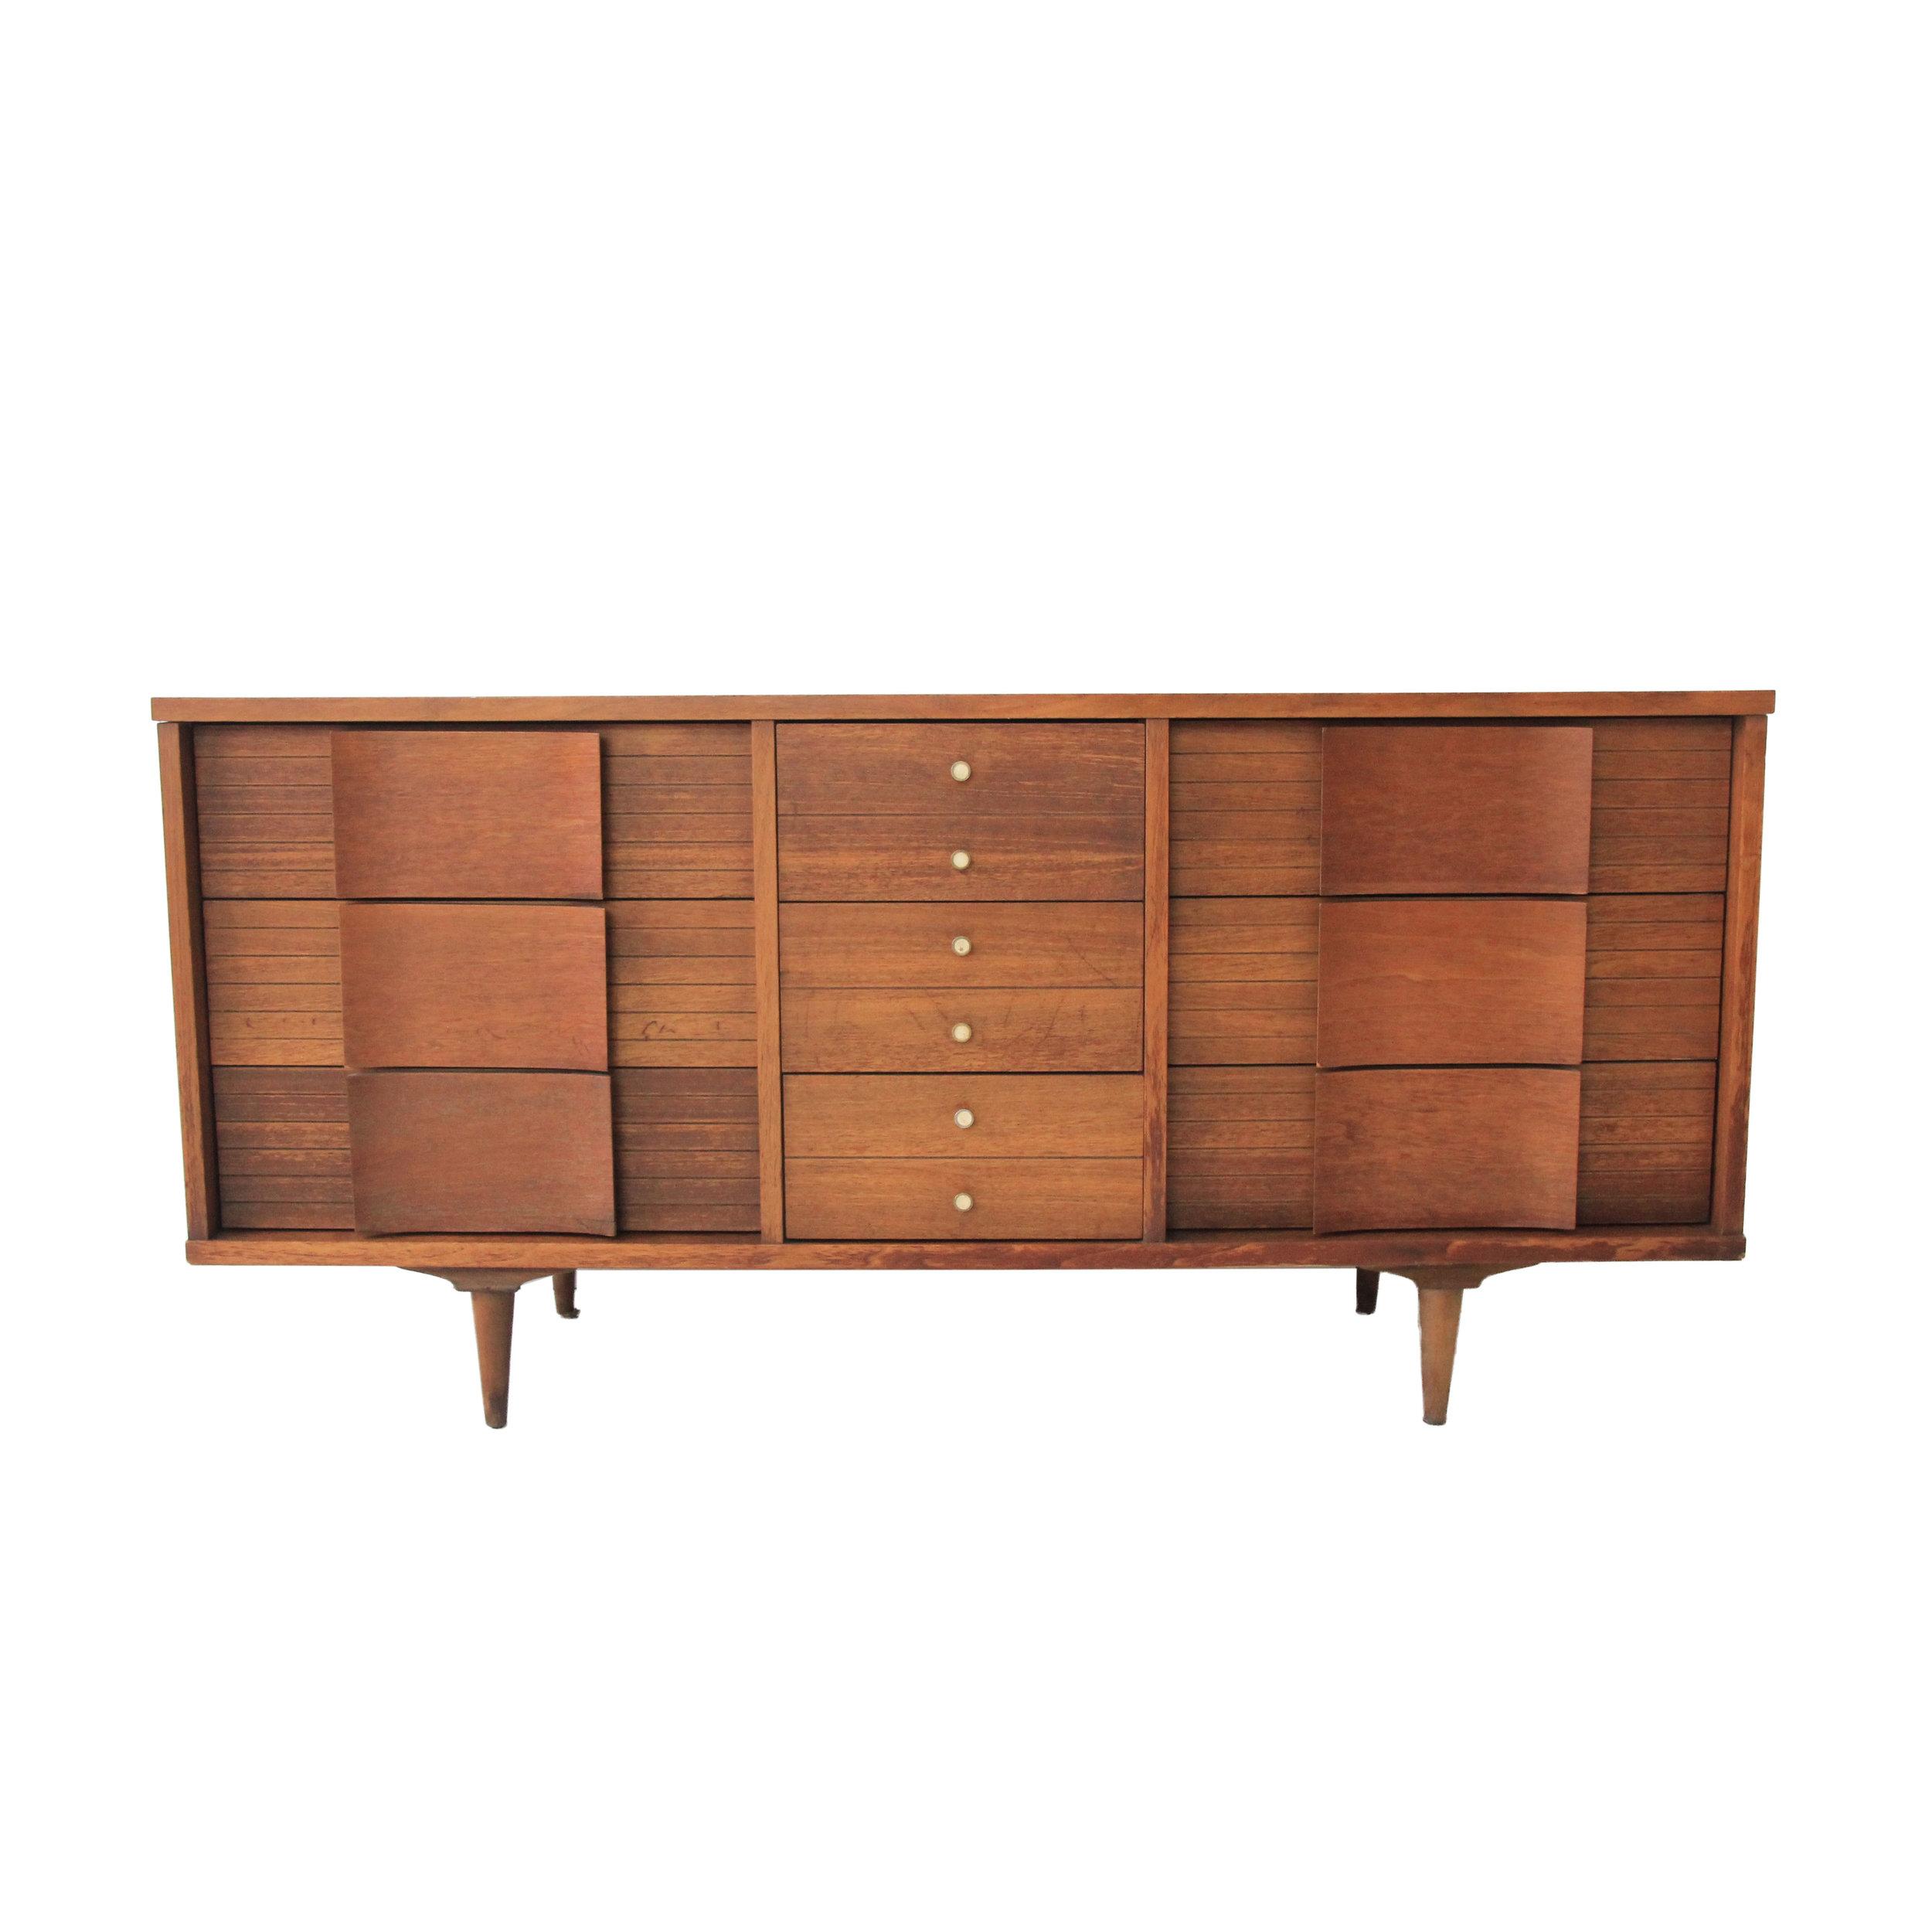 vintage mid century modern 9 drawer dresser.jpg